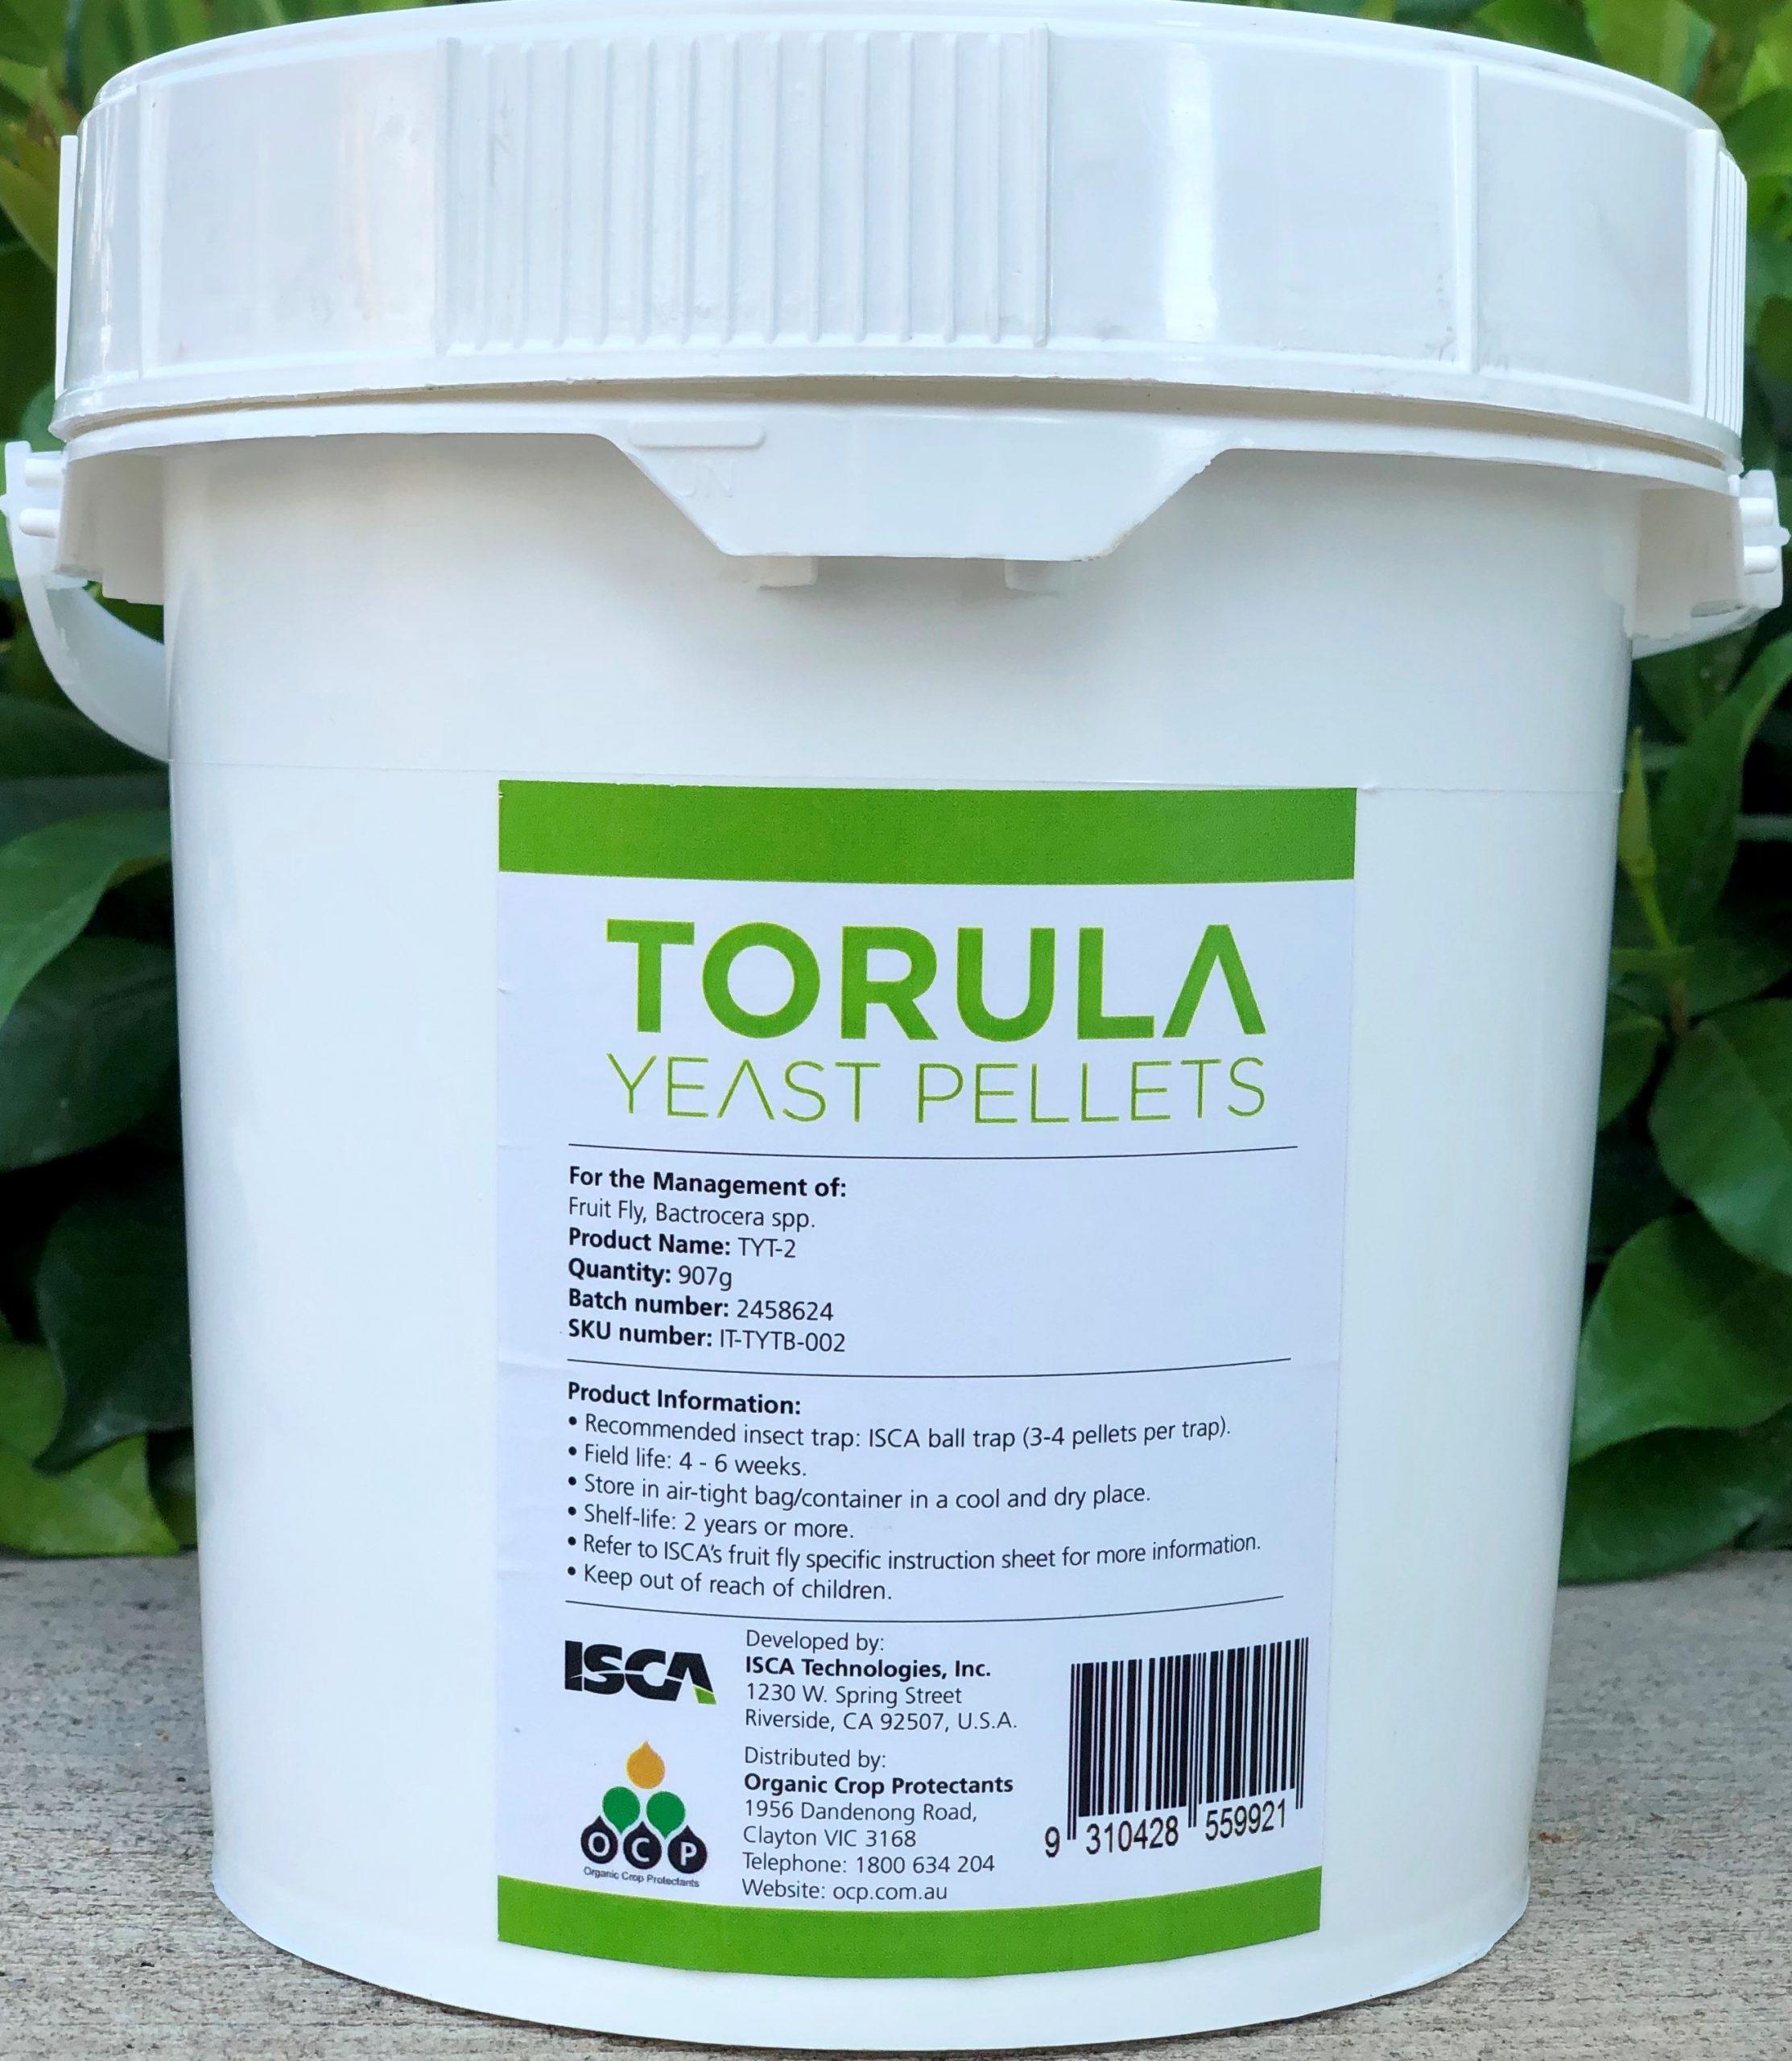 TORULA YEAST PELLETS